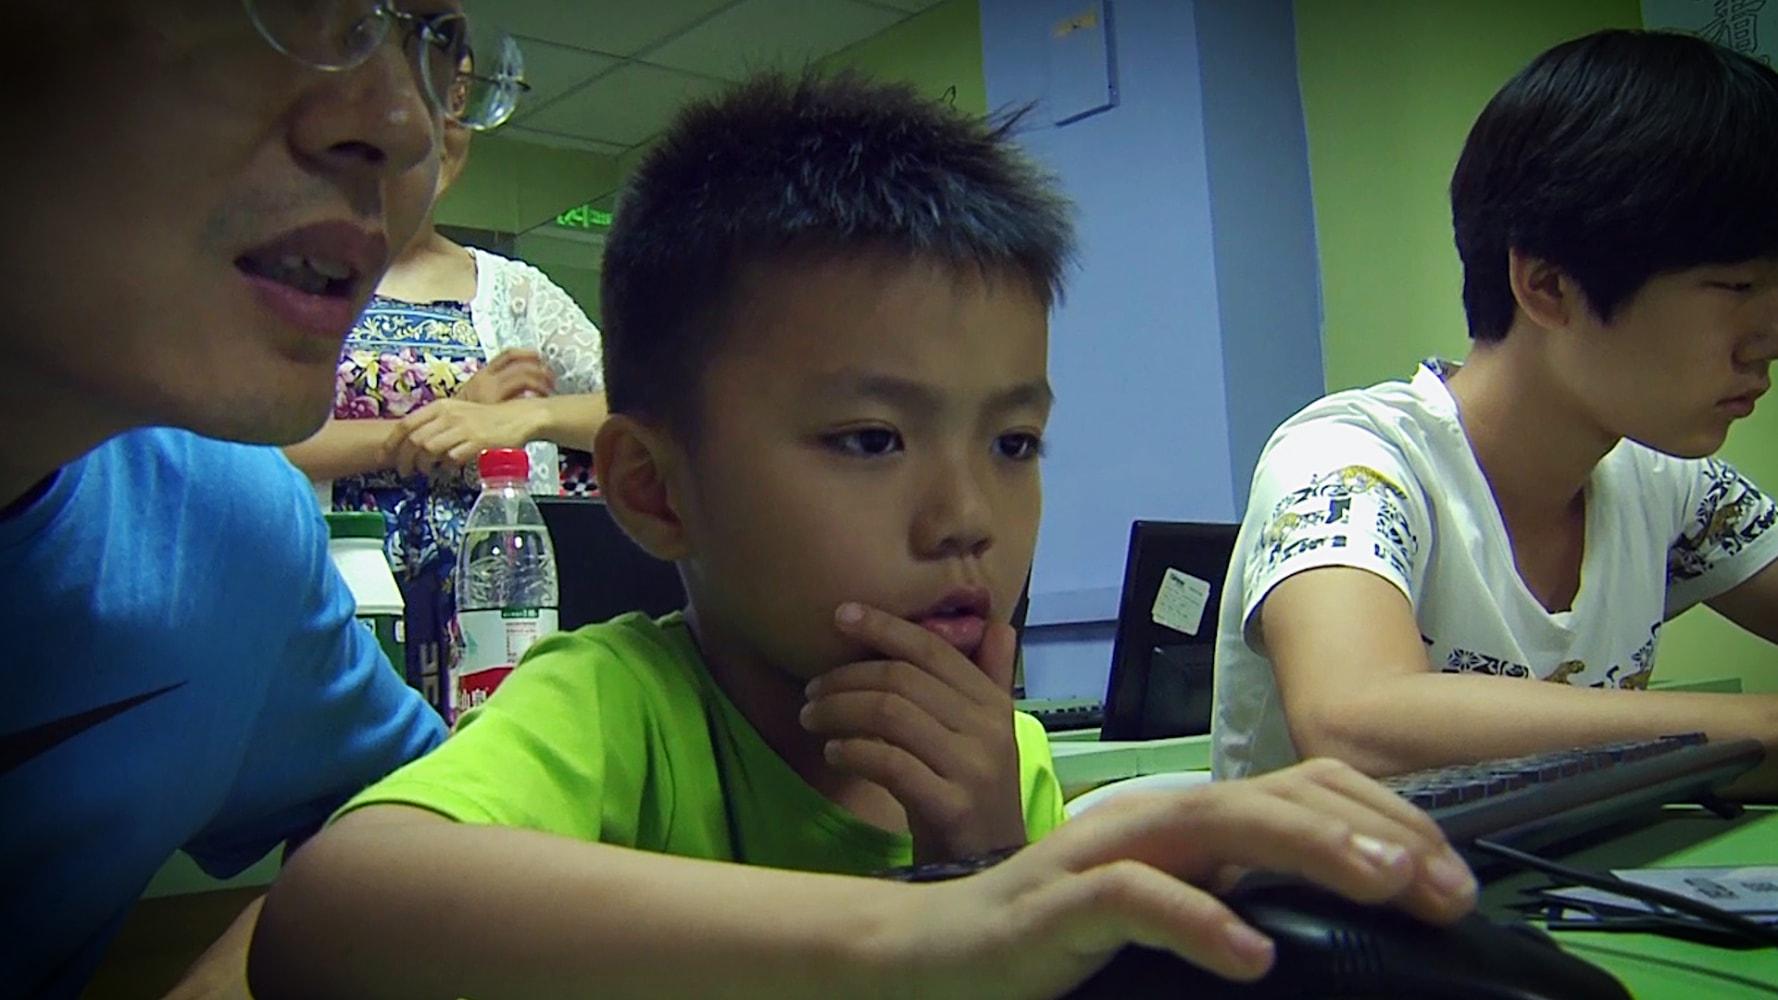 Um jovem aprende a codificar no Tarena Learning Center, em Pequim